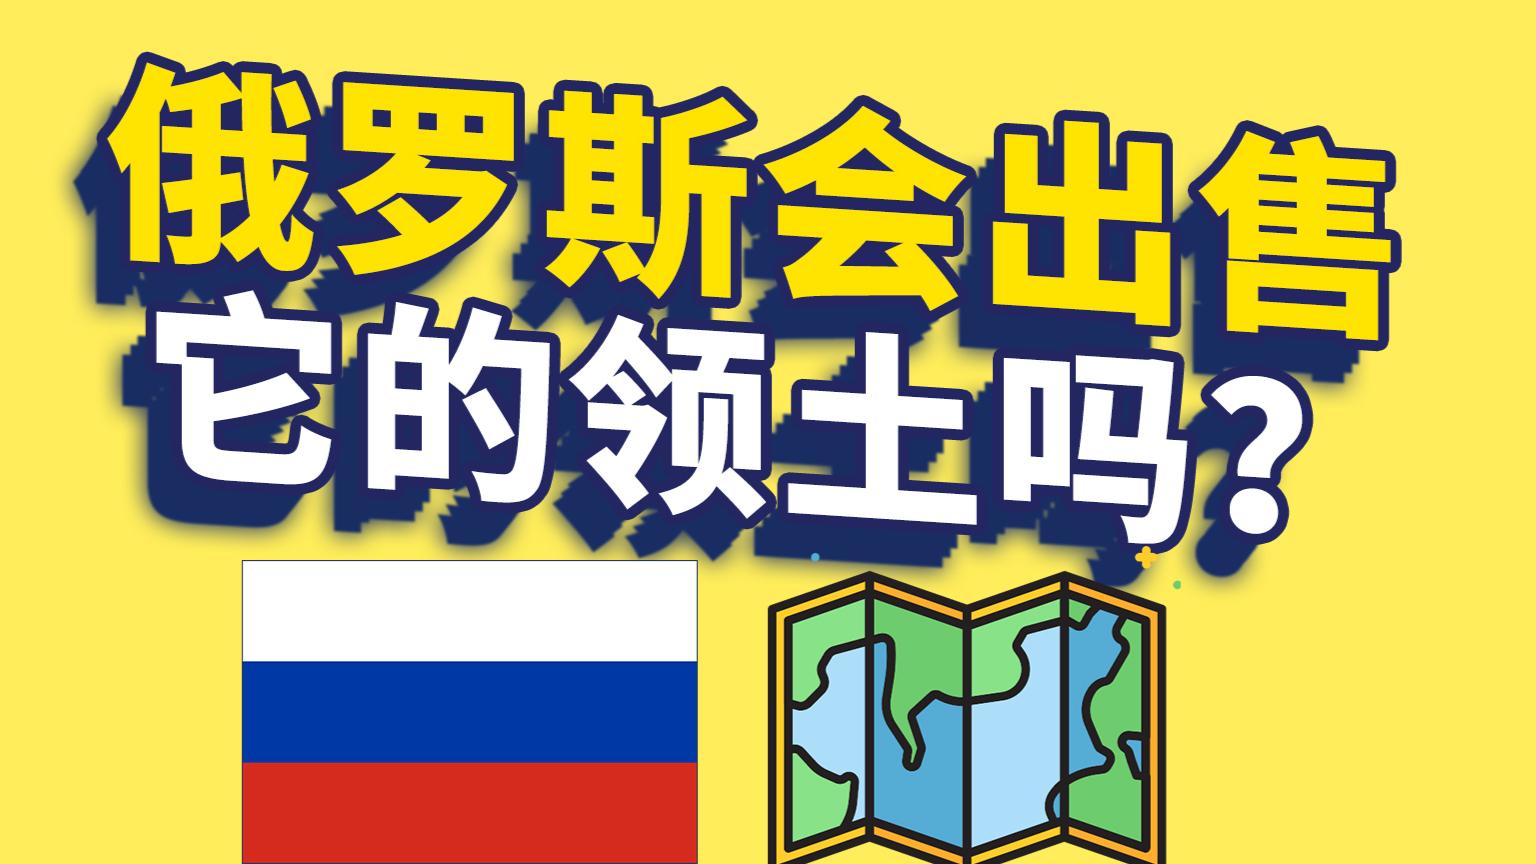 俄罗斯会归还或出售领土吗?